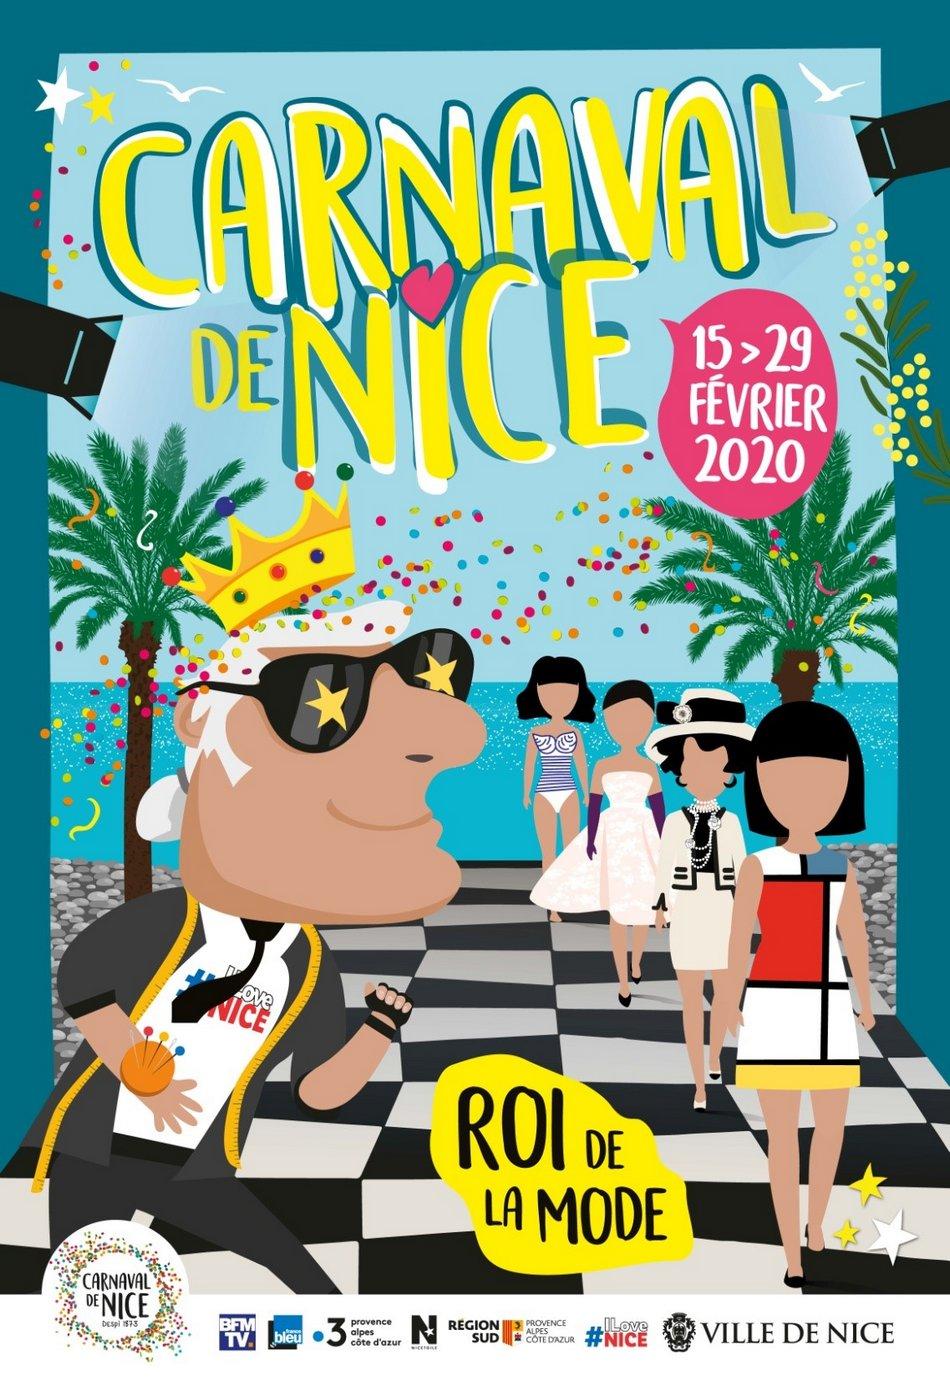 affiche du carnaval de Nice 2020 roi de la mode